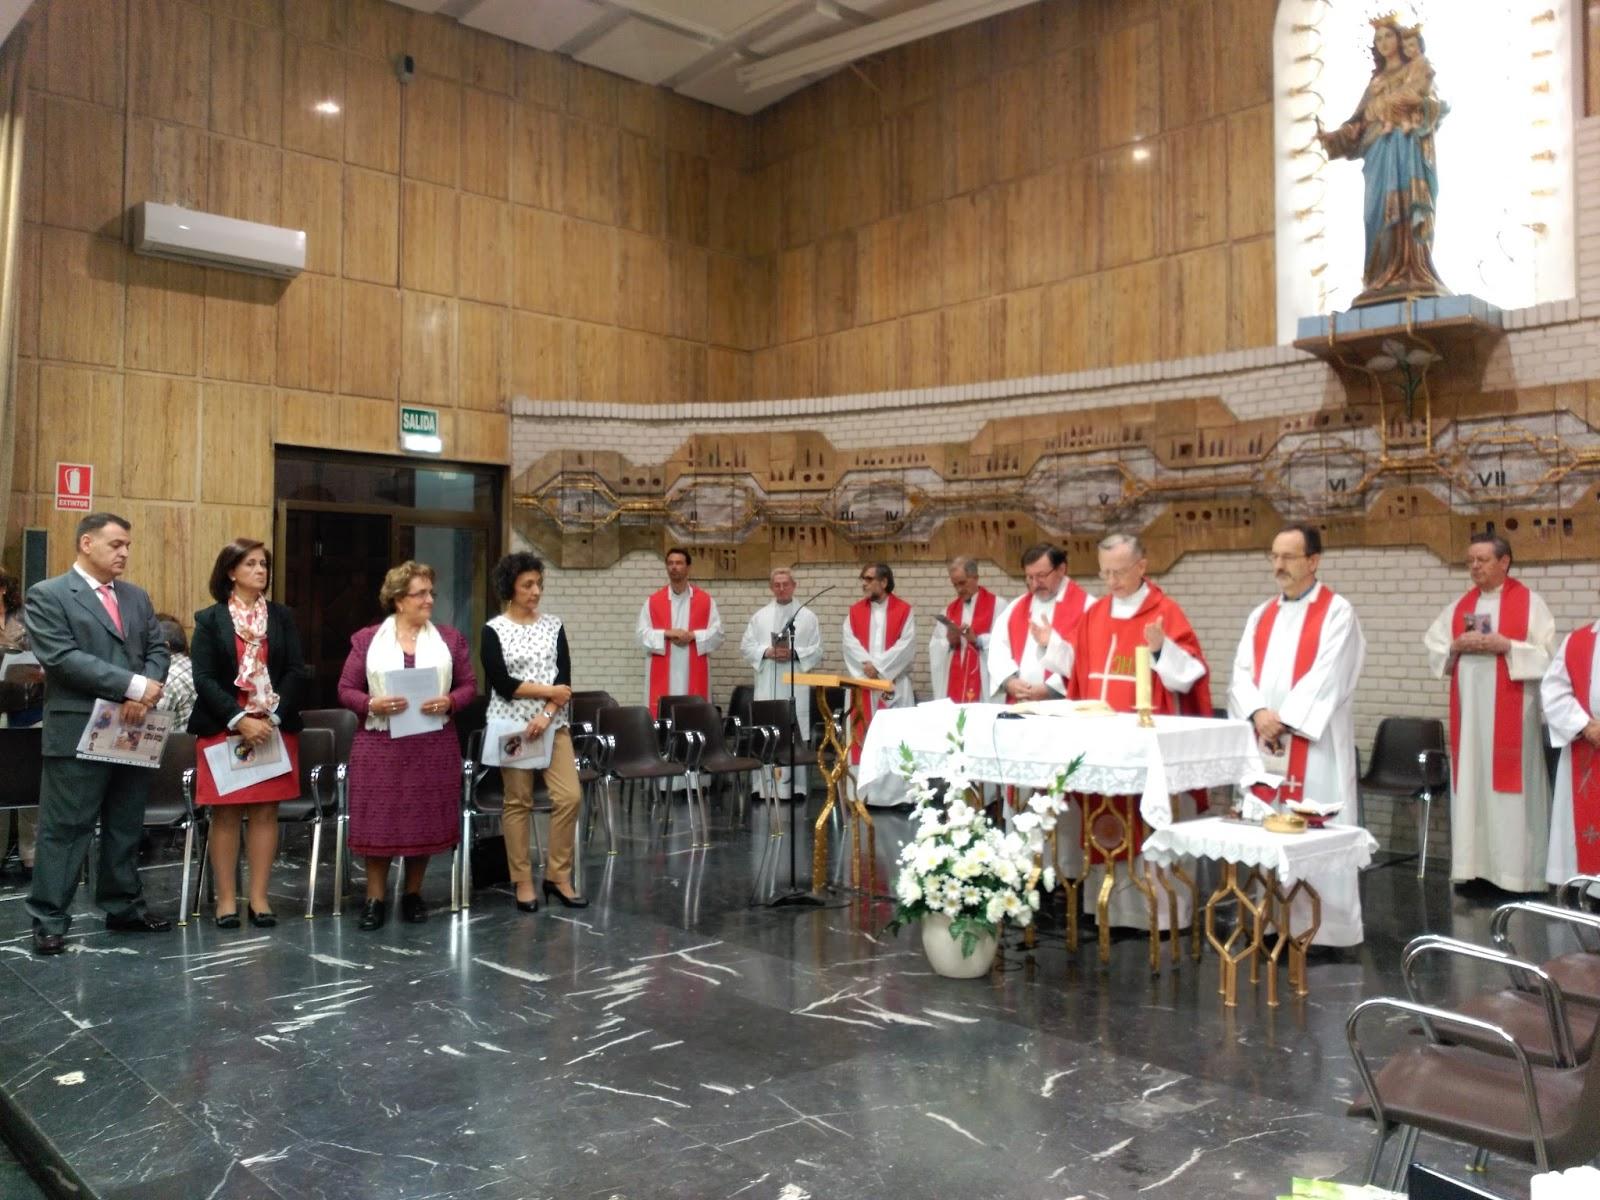 Salesianos cooperadores atocha for Oficina de empleo atocha